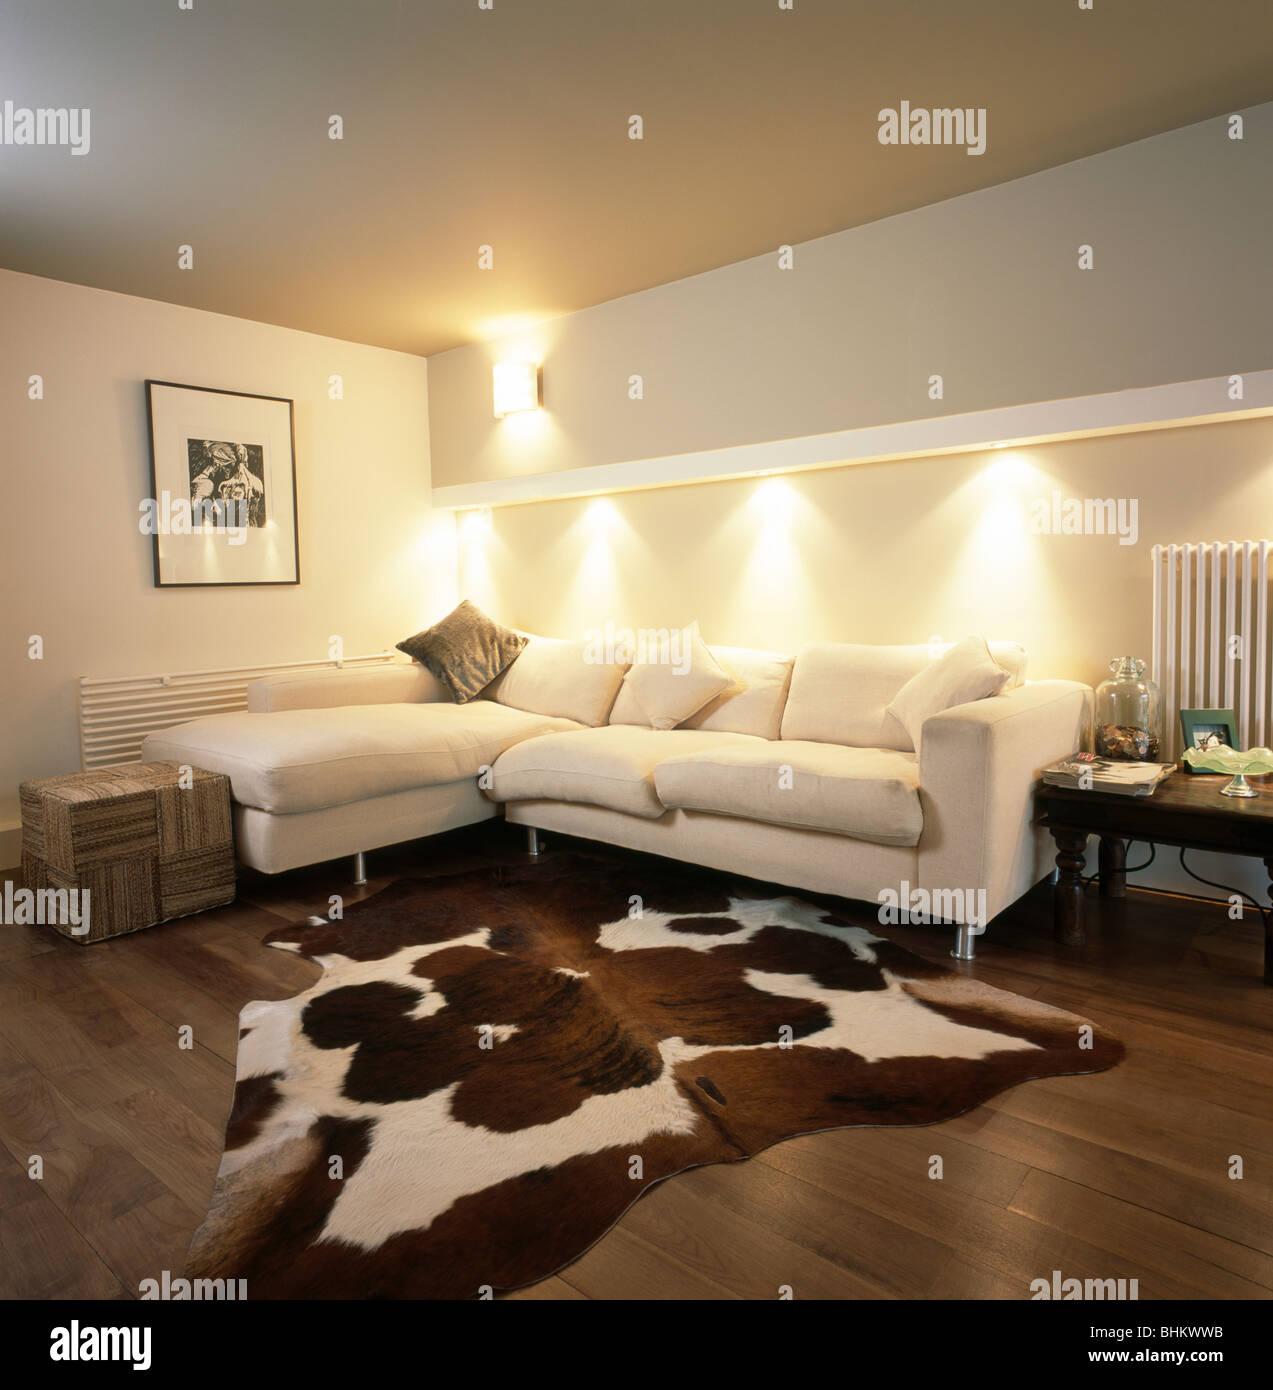 Cuoio artificiale Tappeto nel soggiorno moderno con down ...